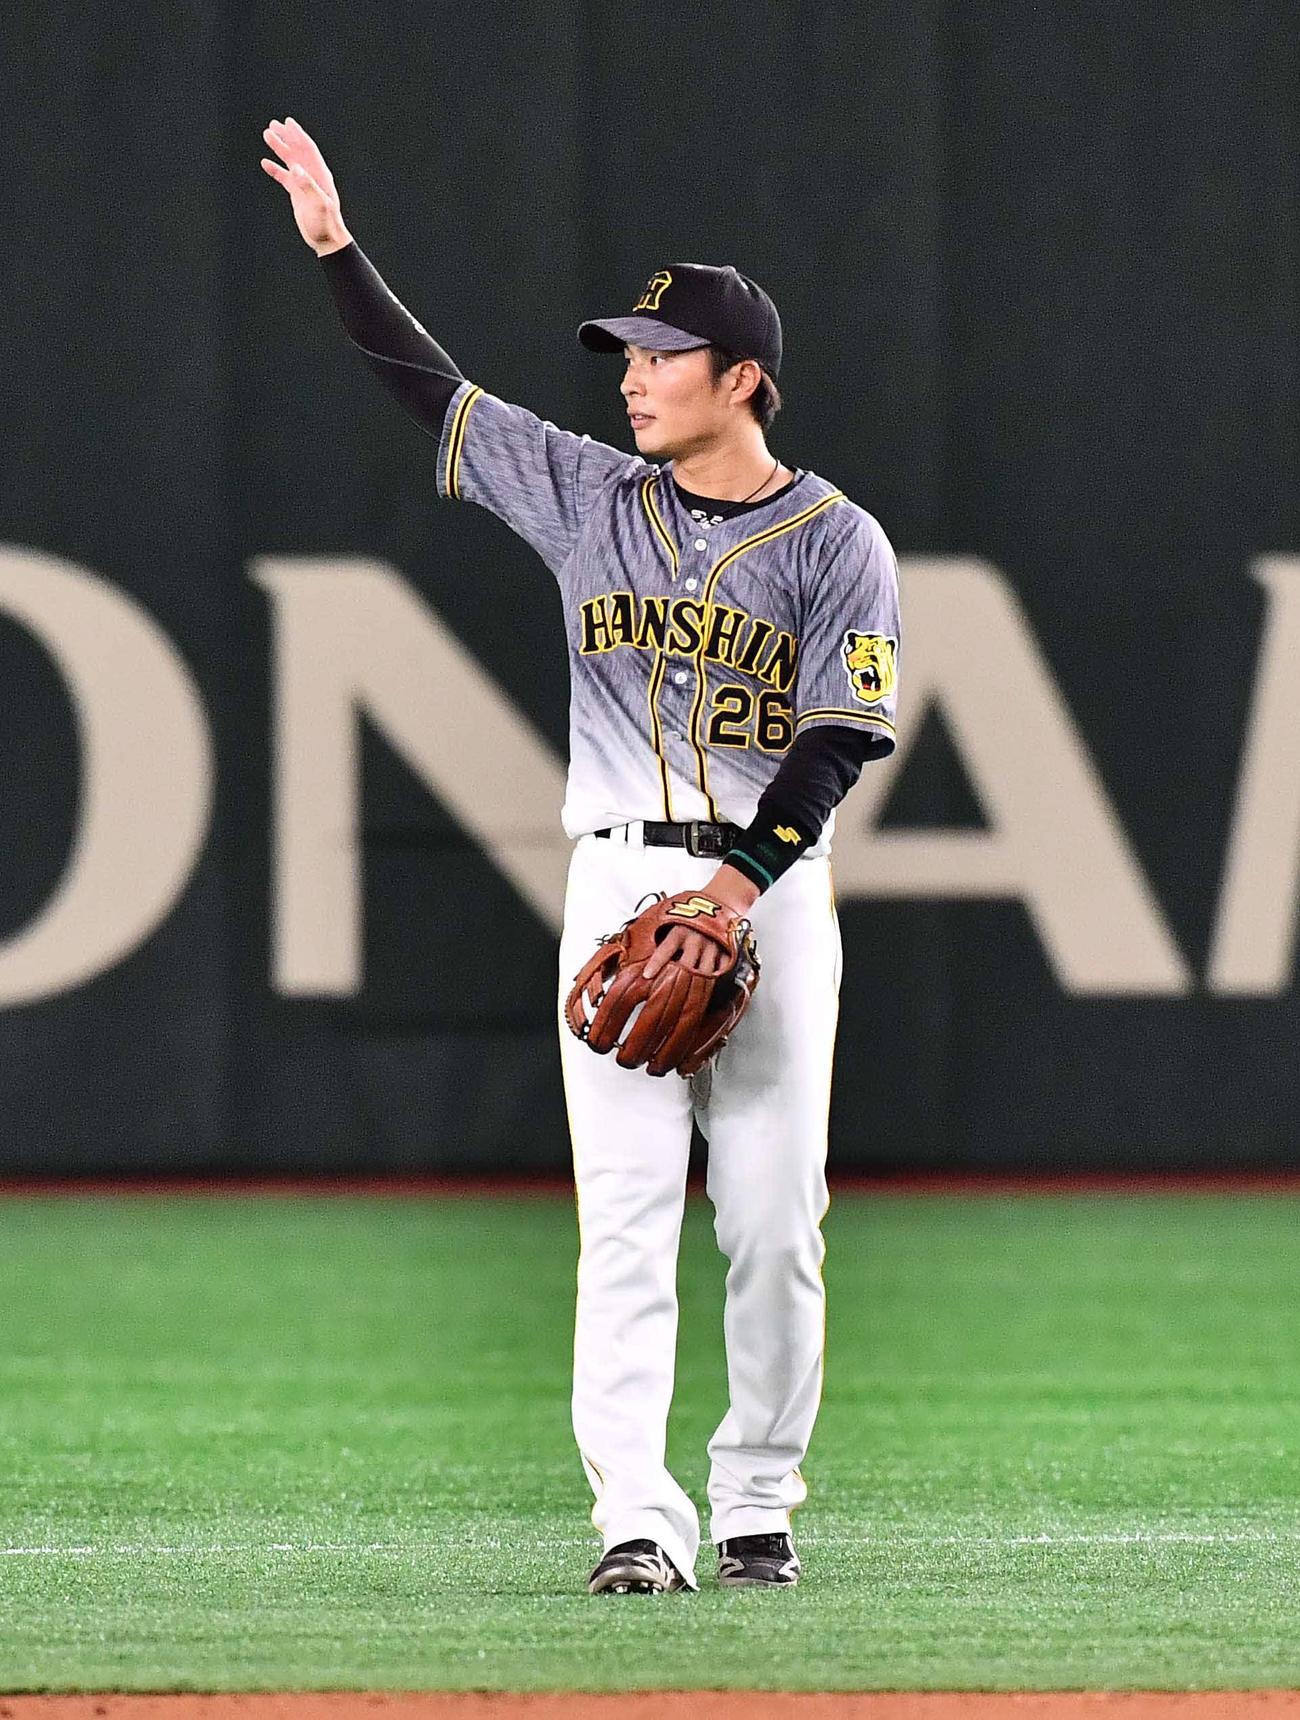 巨人対阪神 6回表2死一塁、左越え2点本塁打を放った北條史也はファンの拍手に手を上げて応える(撮影・上田博志)